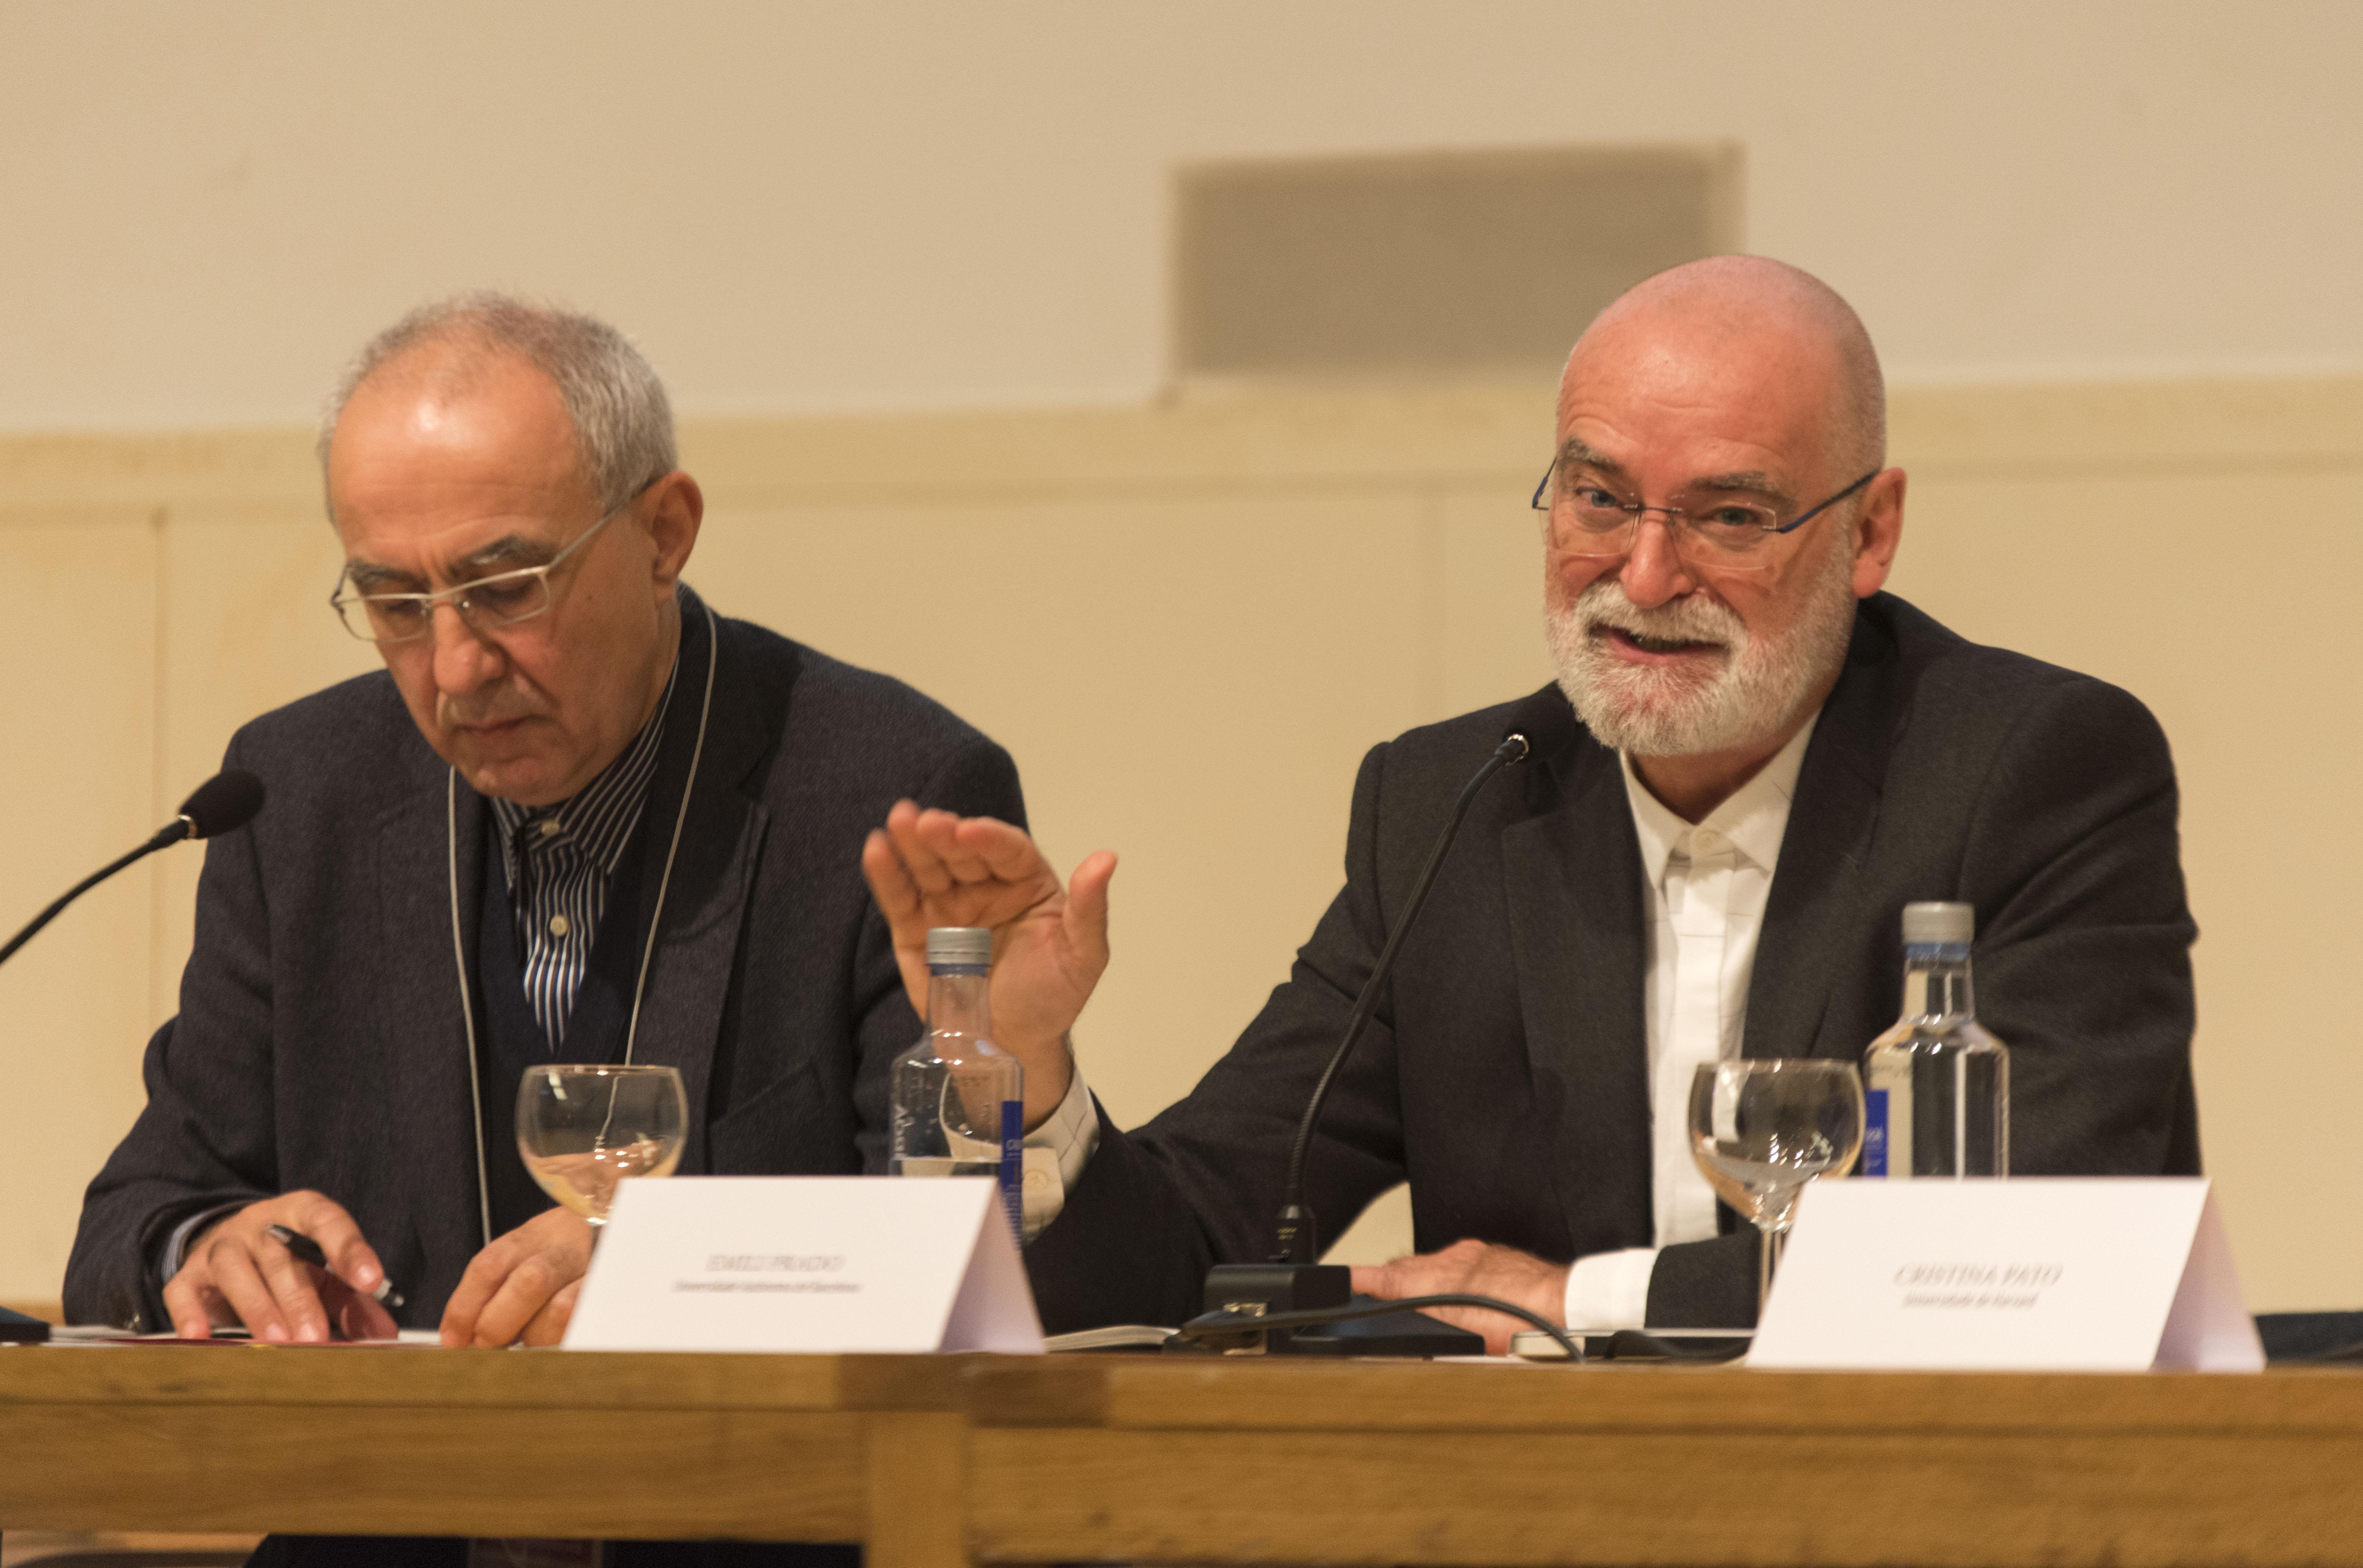 Emilio Prado